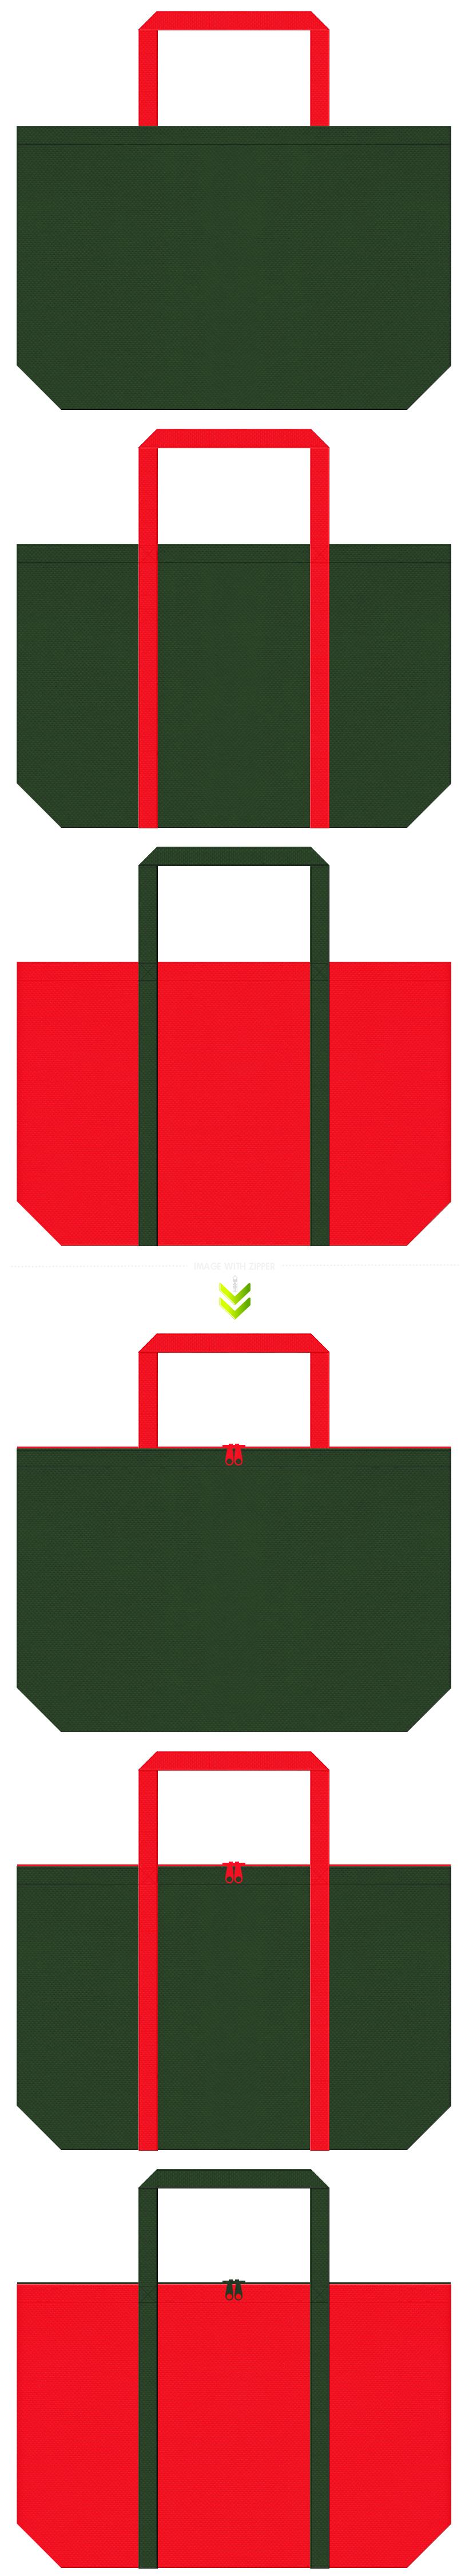 クリスマス向けのバッグノベルティにお奨めのコーデ。濃緑色と赤色の不織布エコバッグのデザイン。印刷ロゴは、金・銀・紅色・黄色・白色を推奨。